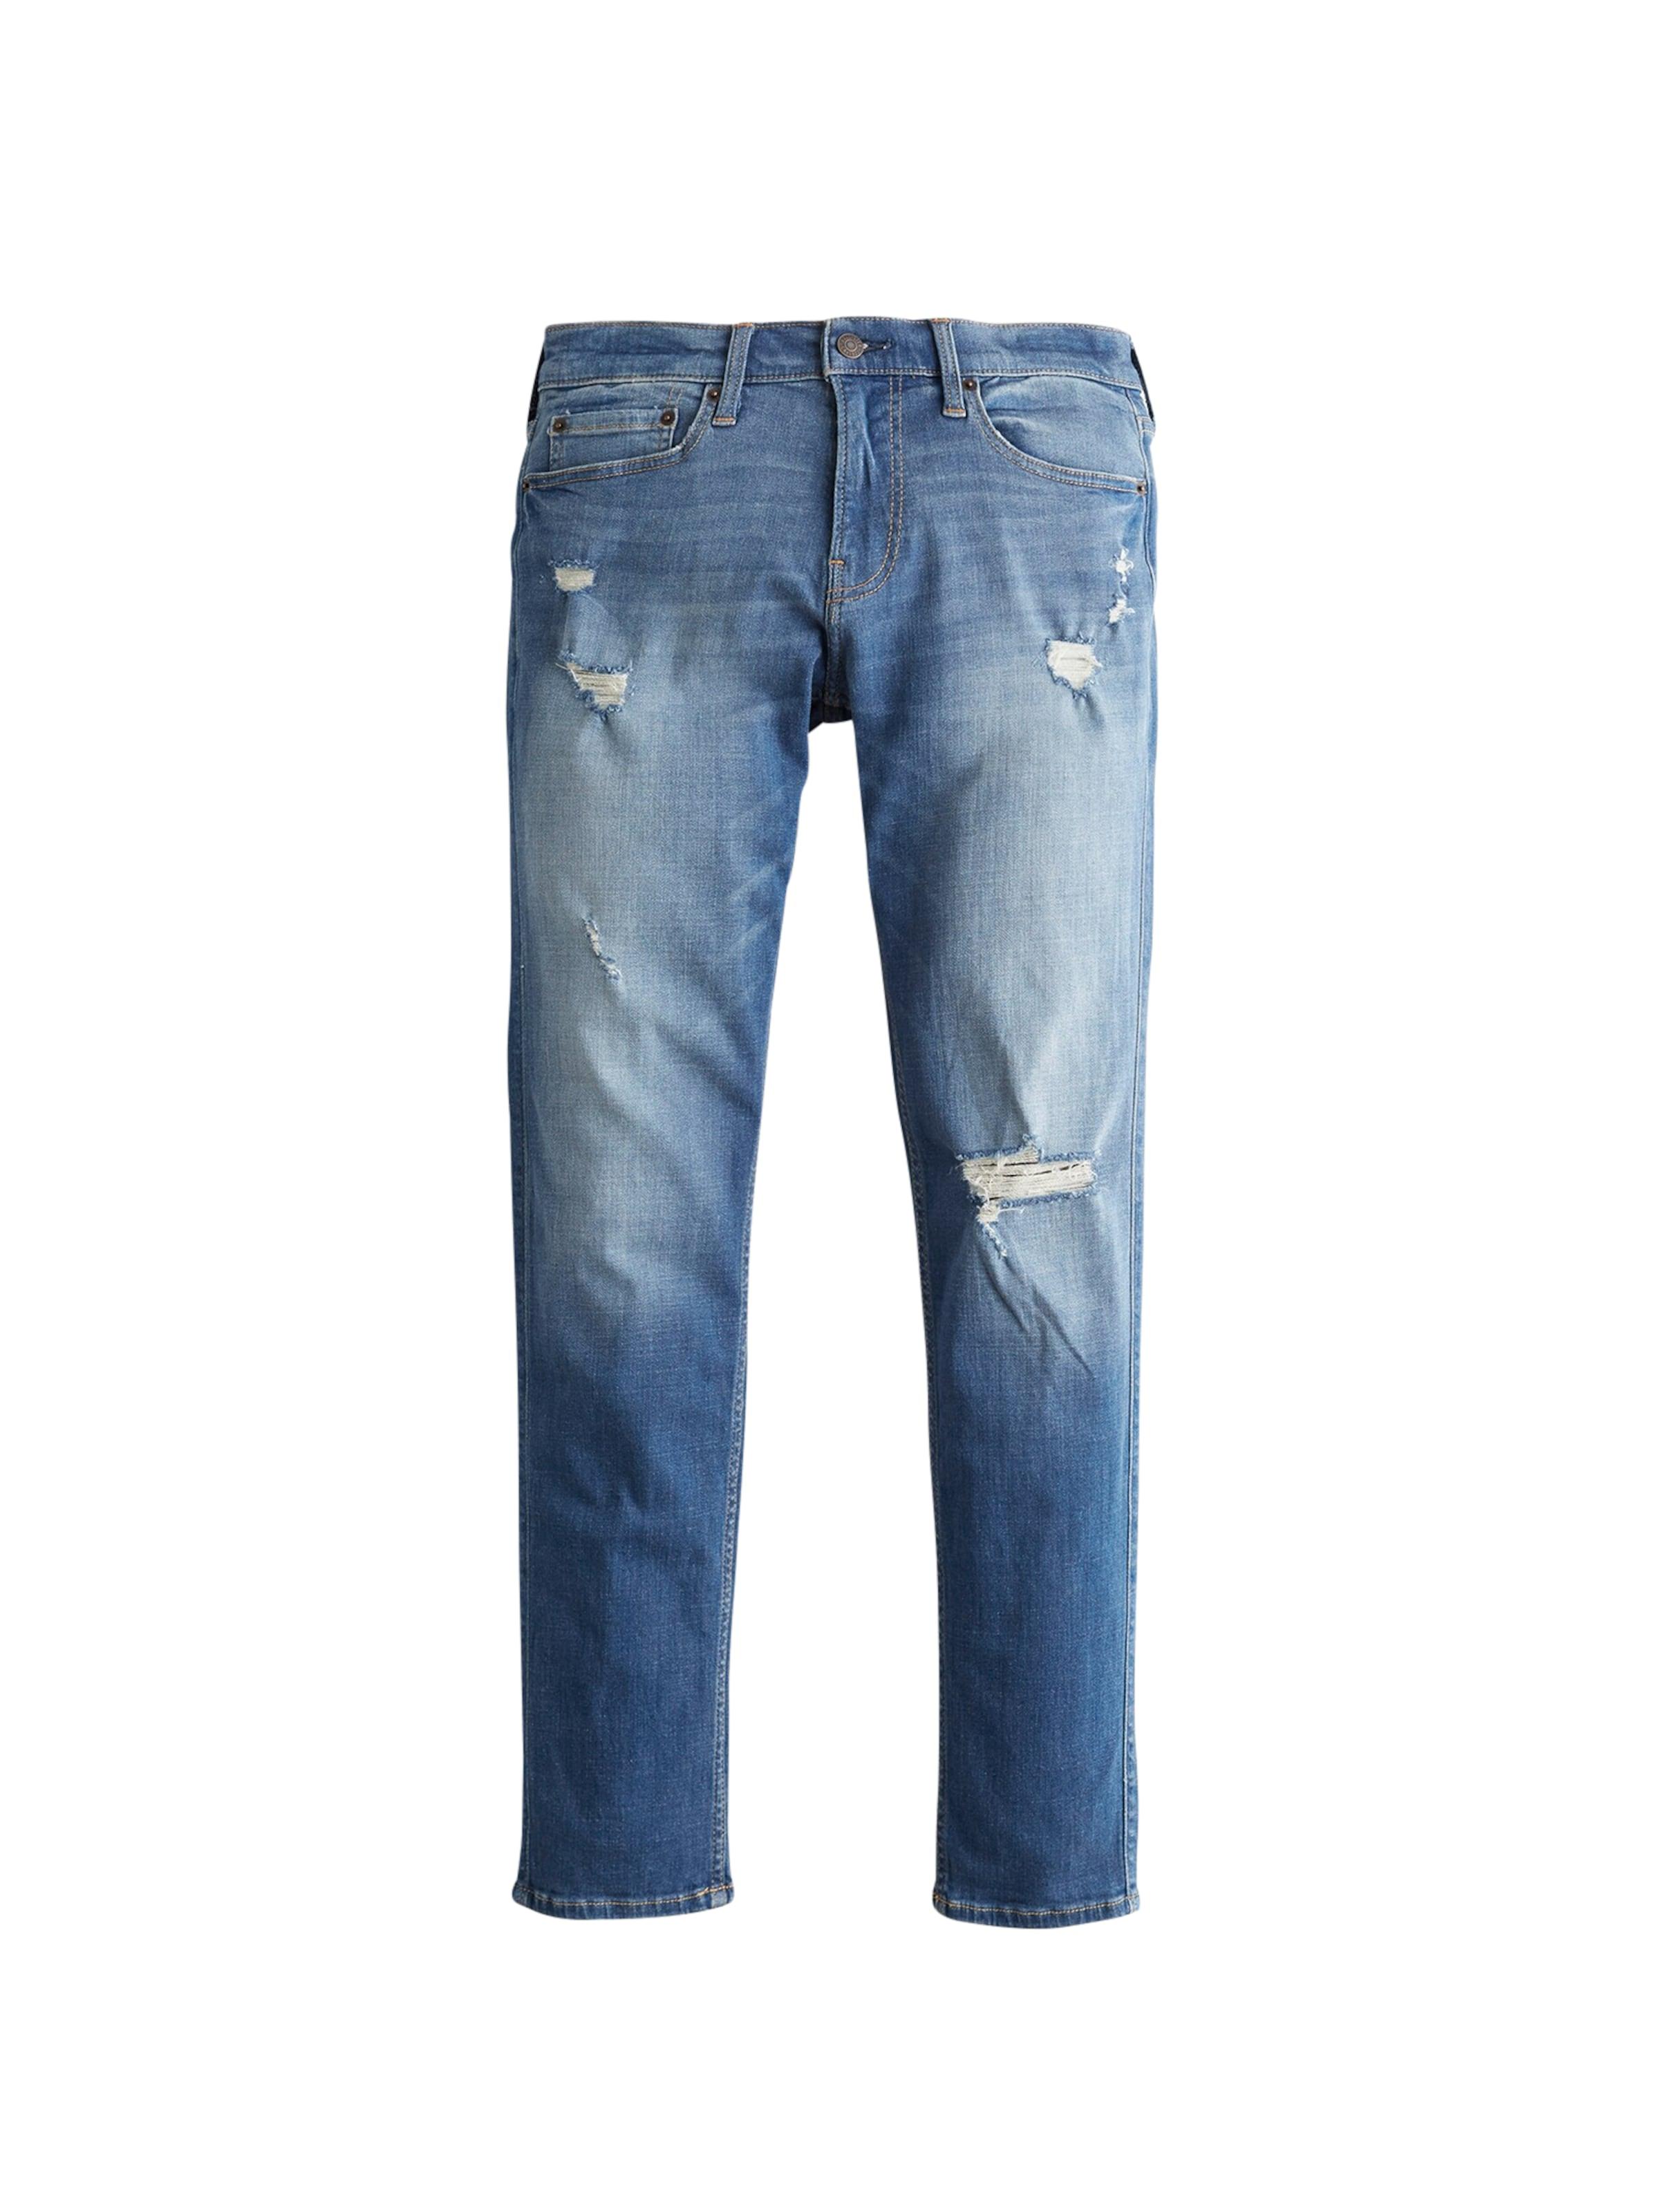 Dstry Bright Hollister Bleu Denim 1cc' 'bts19 En Med Core Jean skny F15c3uTKlJ